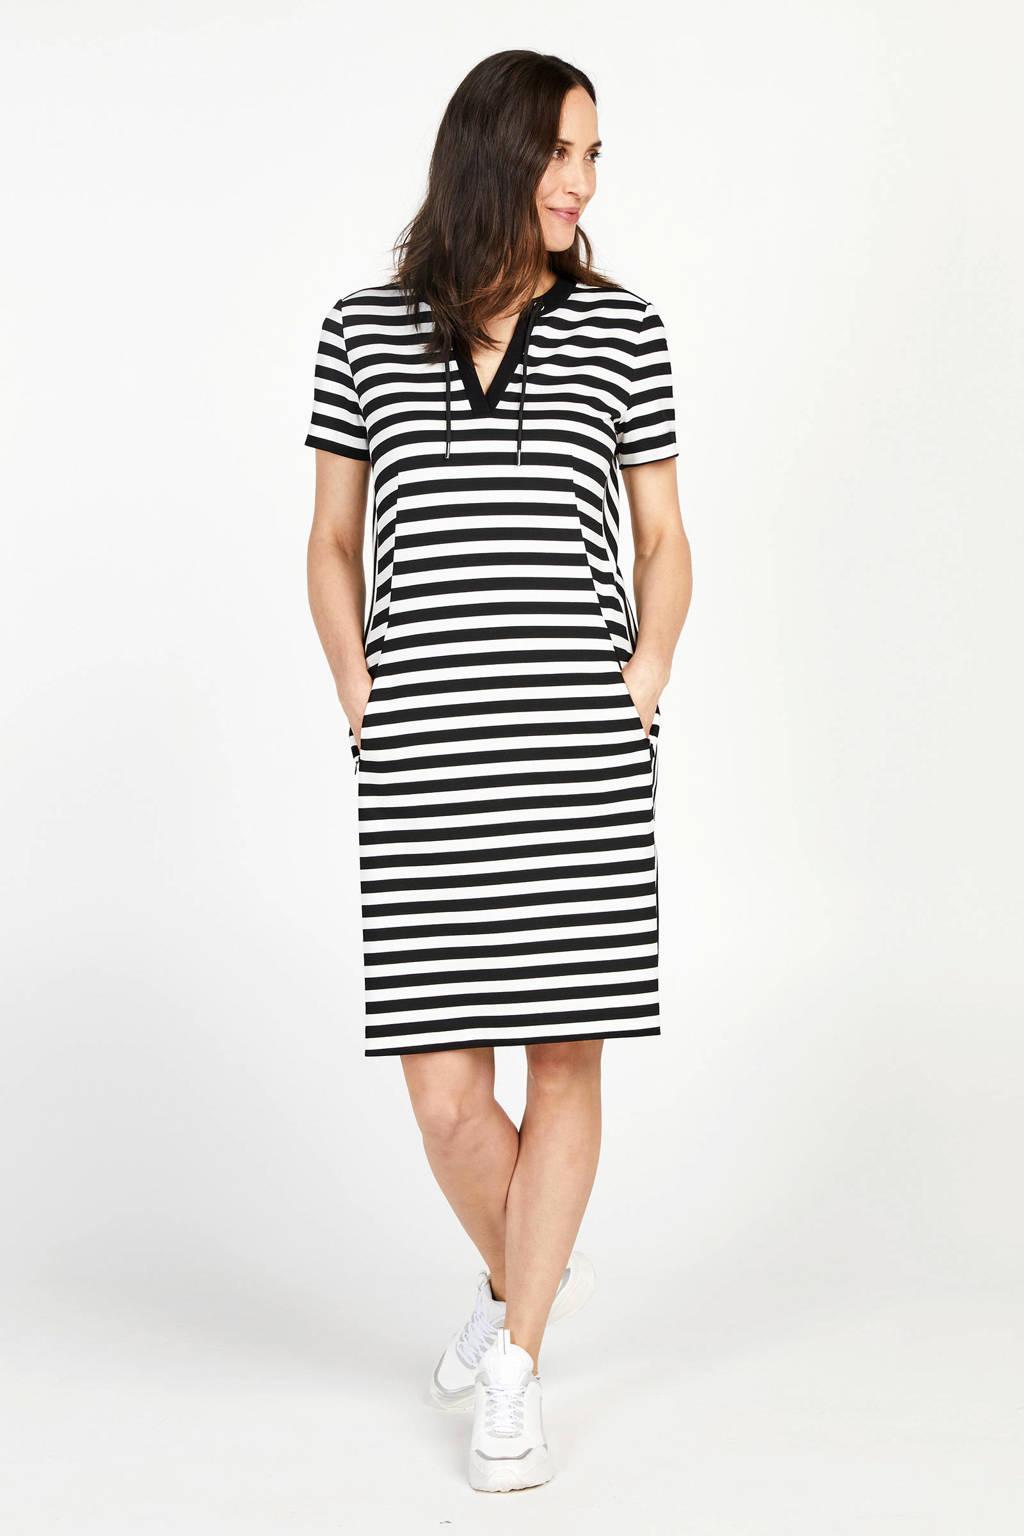 PROMISS gestreepte jersey jurk met contrastbies zwart/wit, Zwart/wit